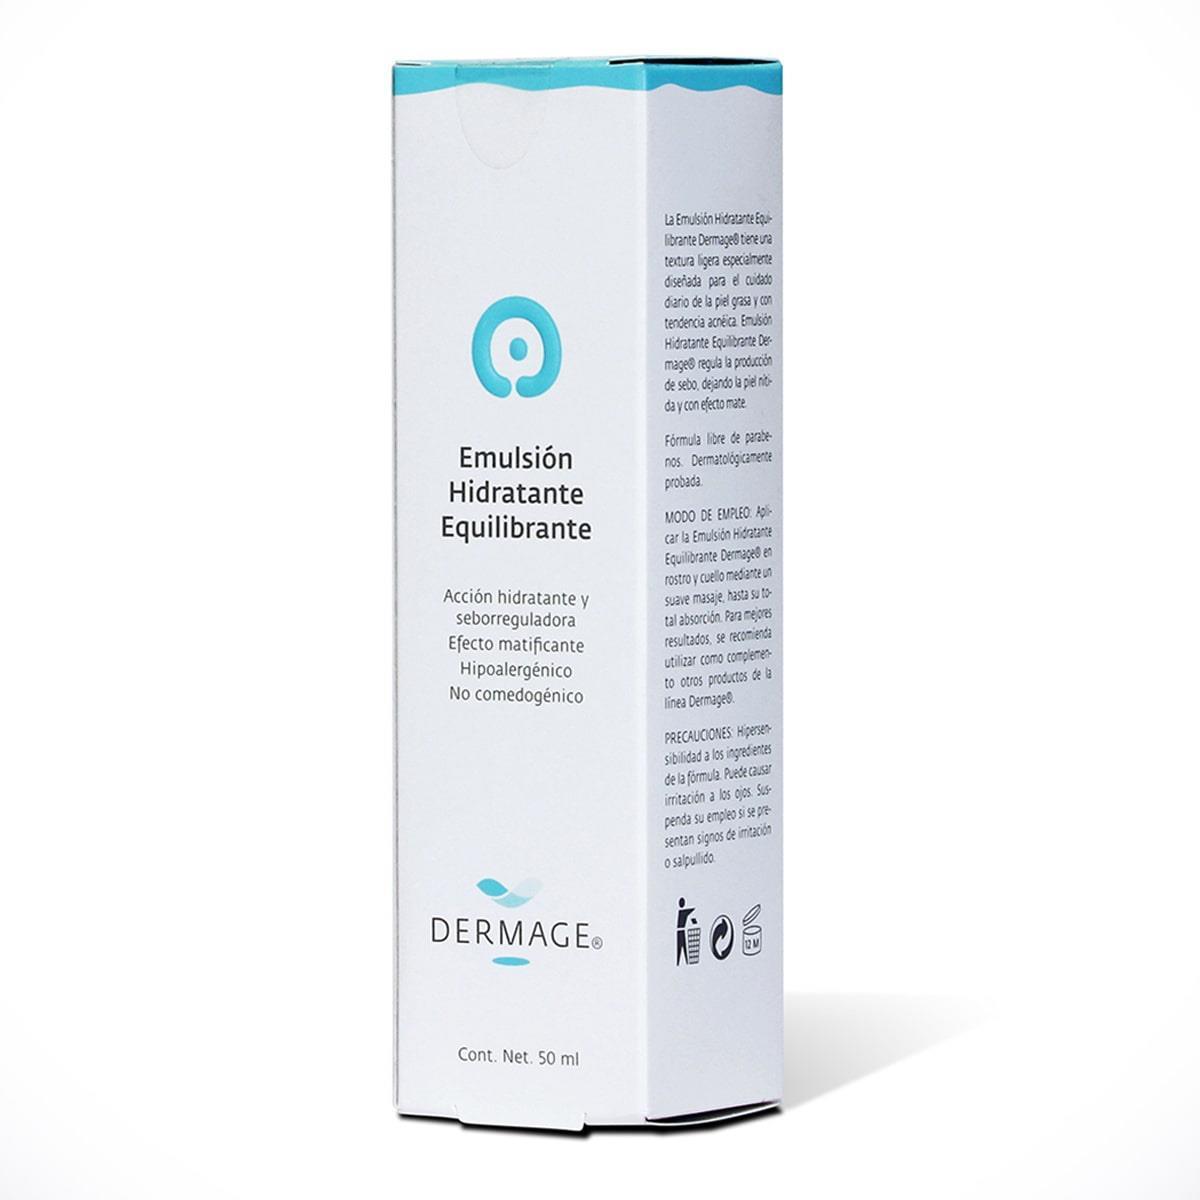 Crema facial de uso diario que elimina rápida y eficazmente los puntos negros, granos y espinillas.<br/><br/>Envase con 50ml